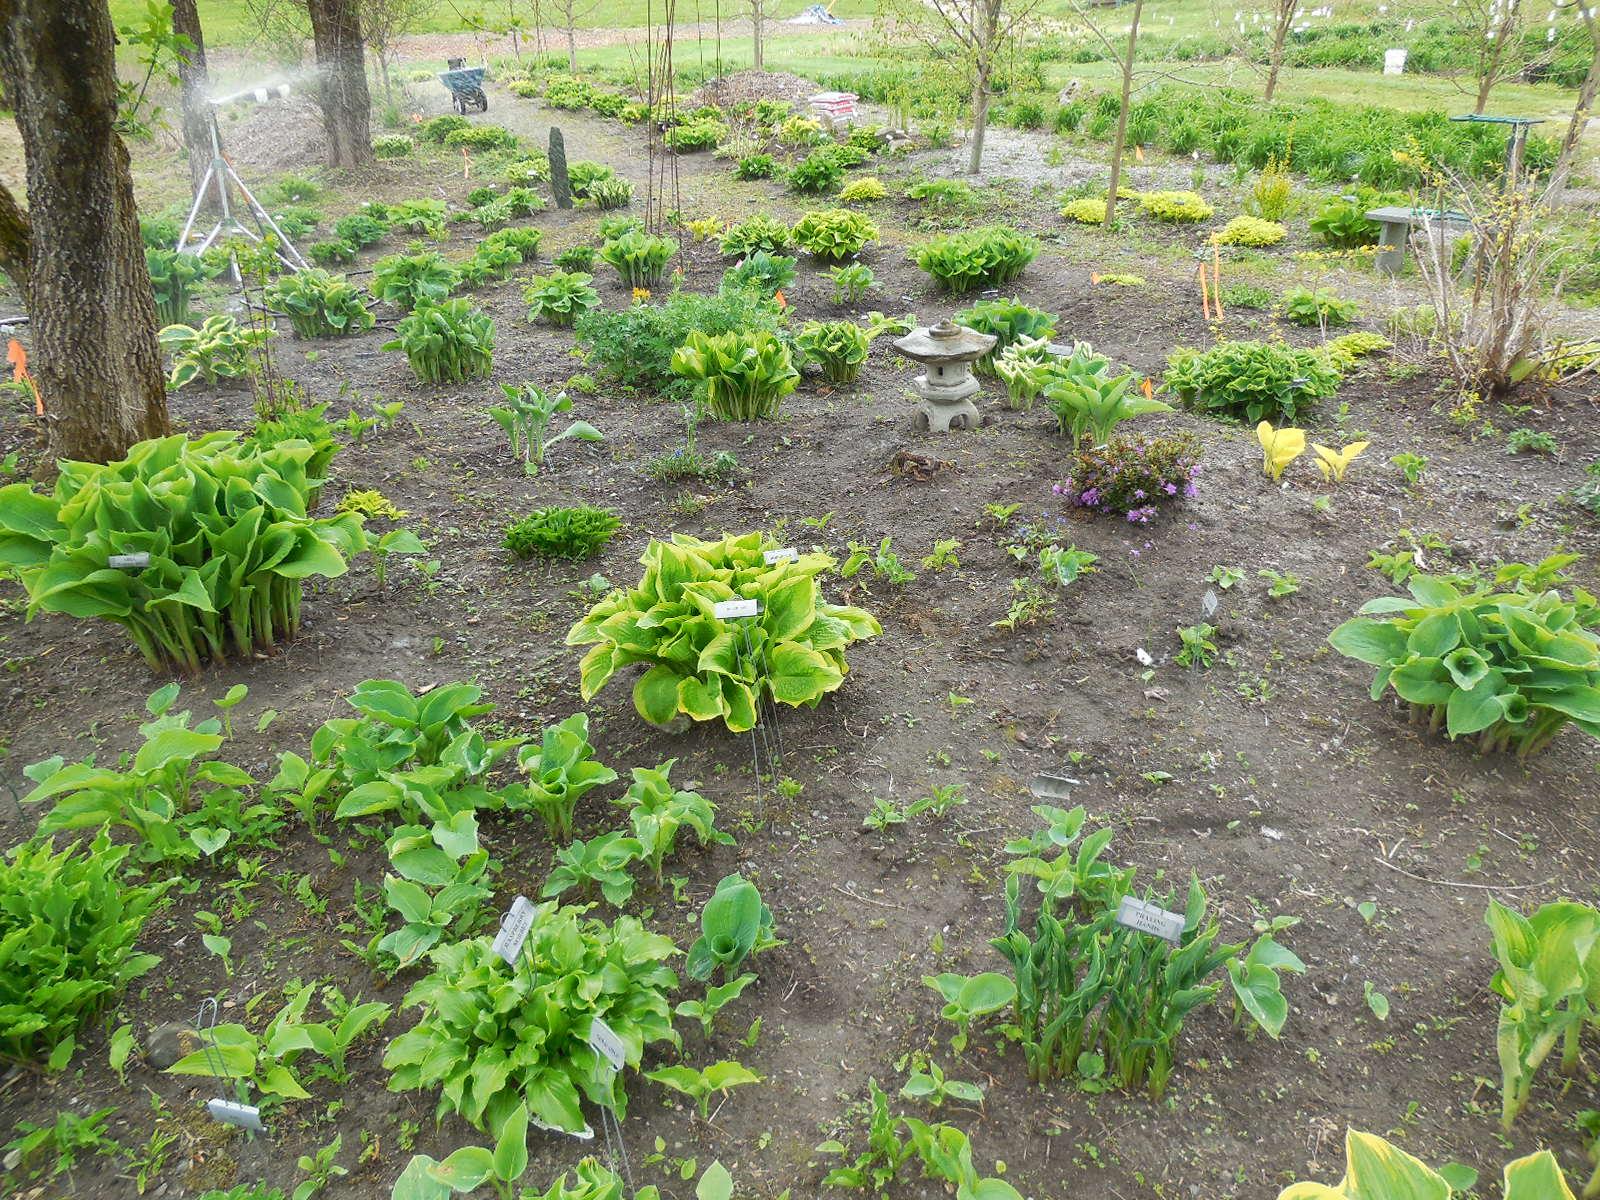 The Vermont Gardener Spacing Hostas